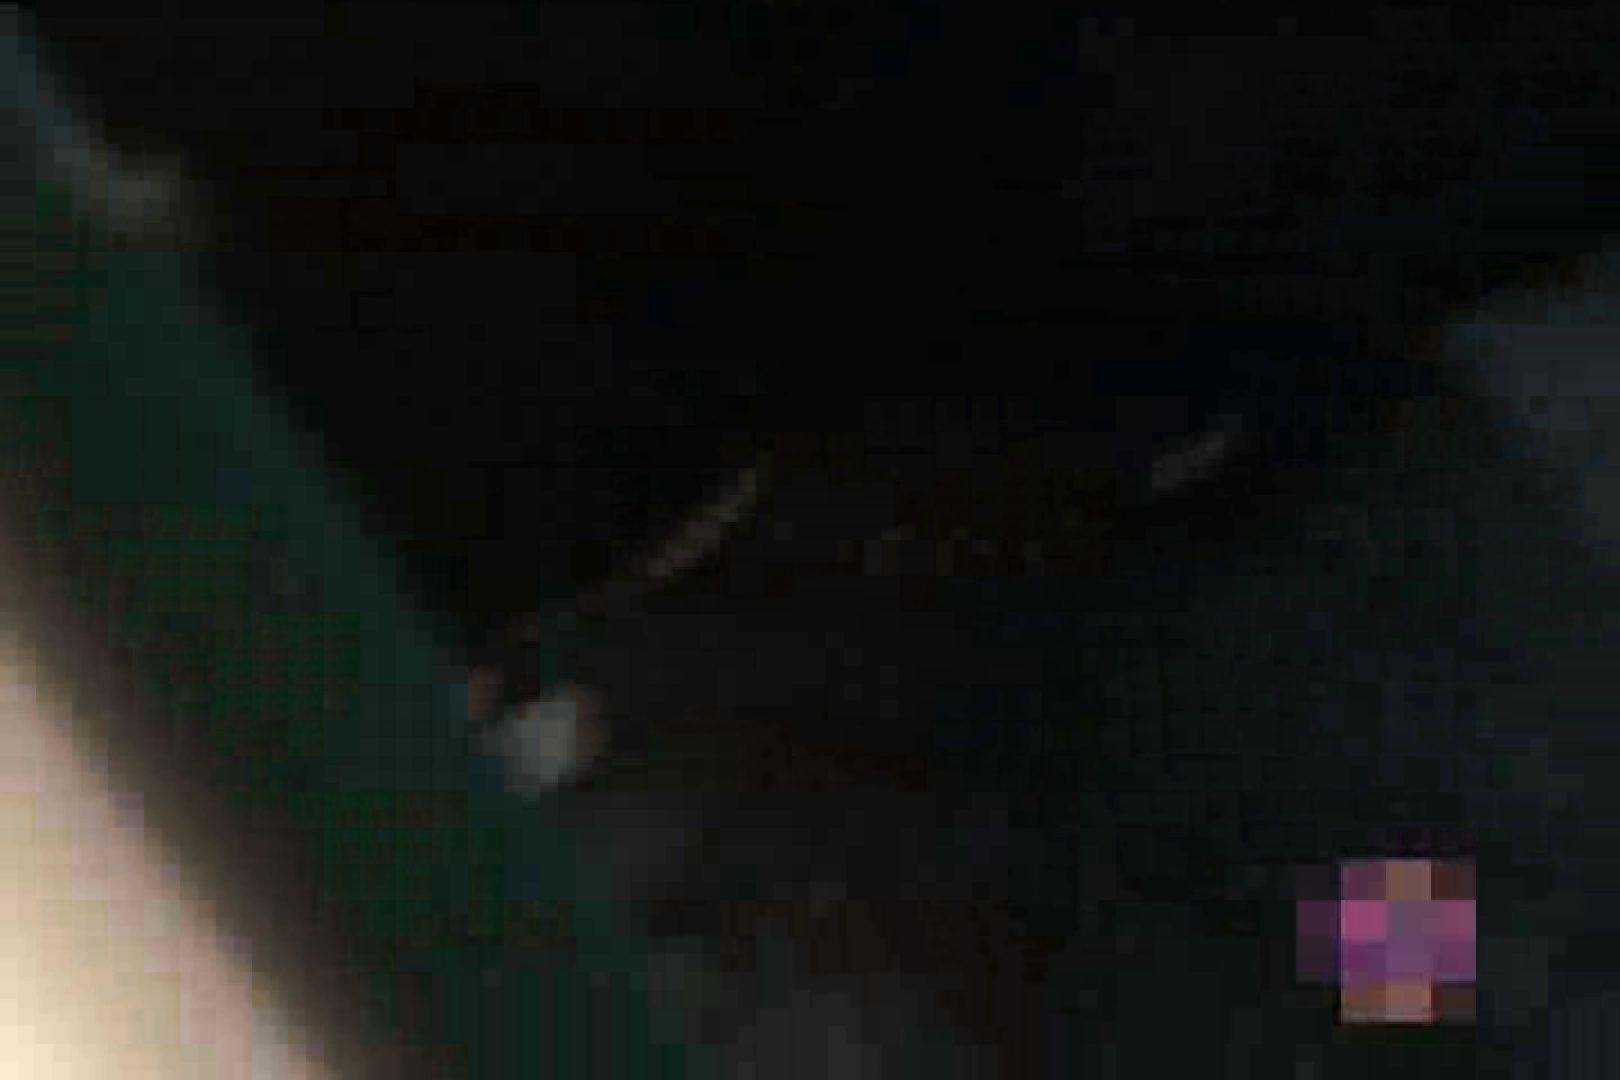 大胆露出胸チラギャル大量発生中!!Vol.6 チラ 盗撮オメコ無修正動画無料 93連発 83